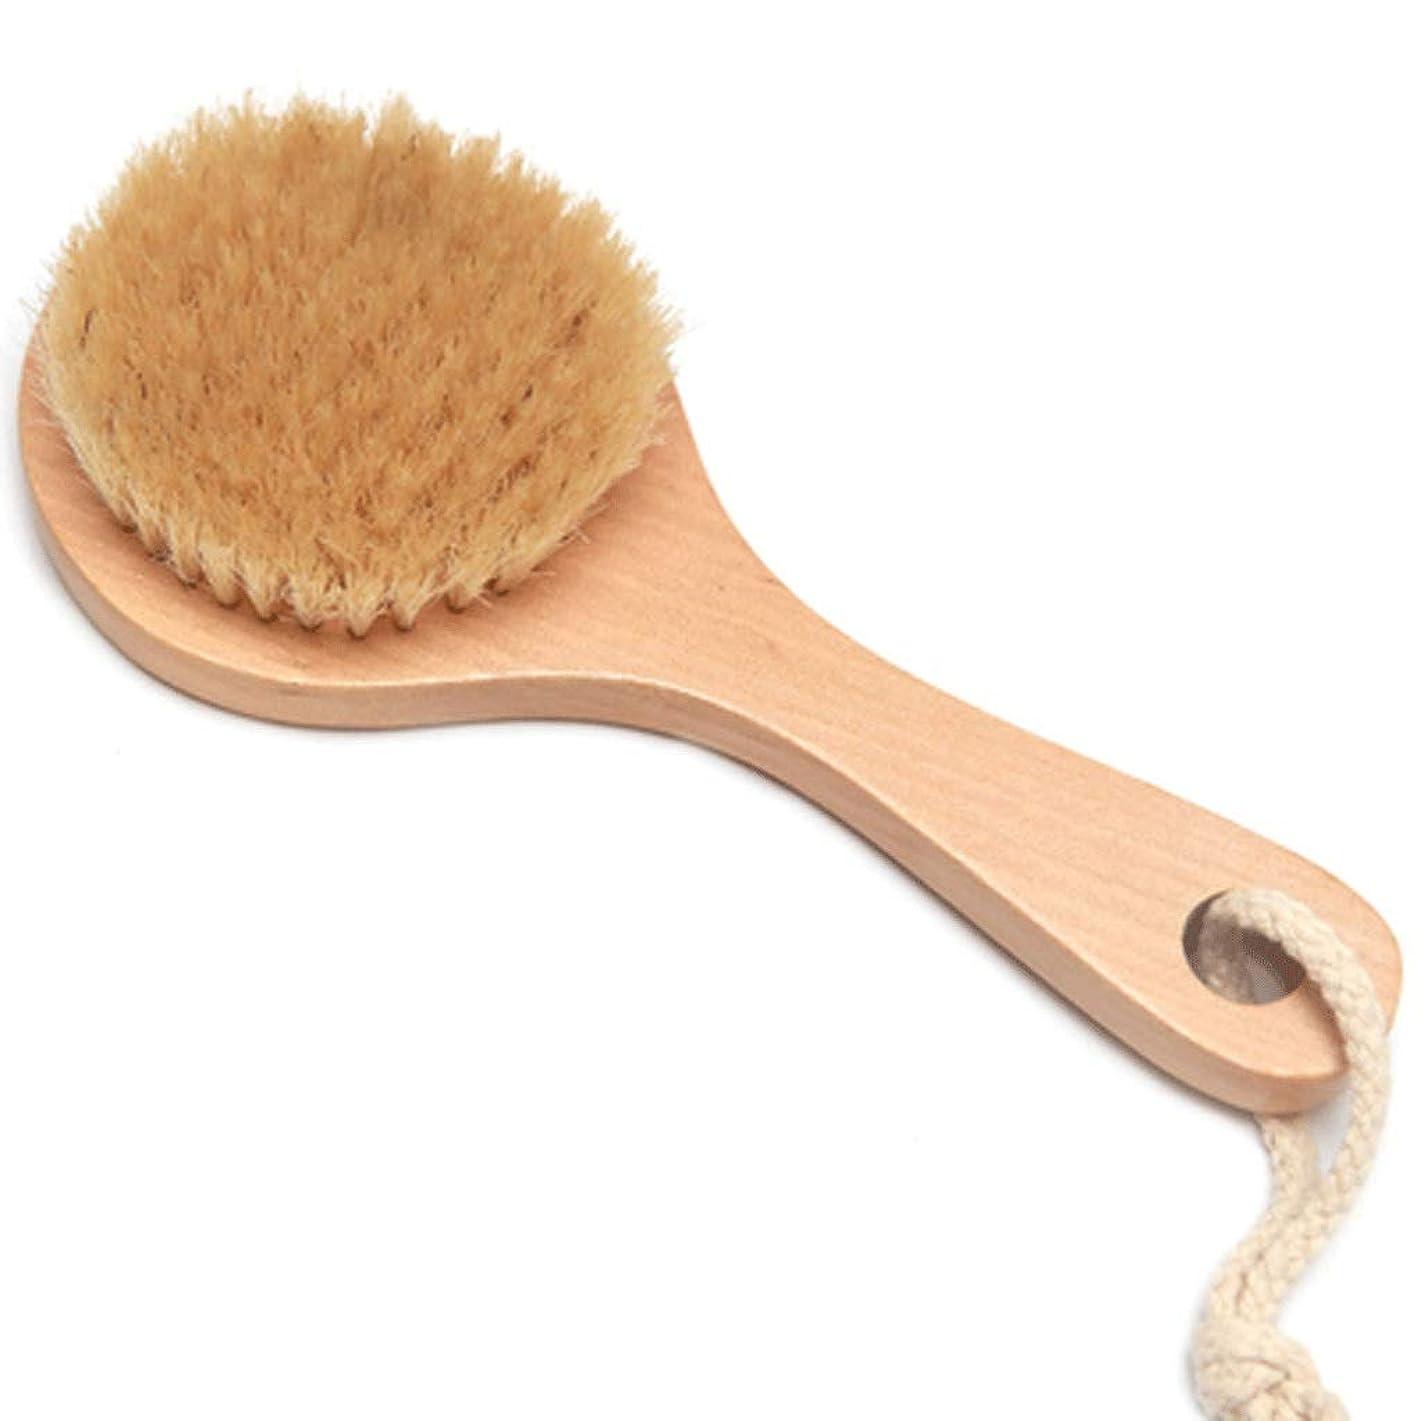 症候群のホストリンスバスブラシバックブラシロングハンドルやわらかい毛髪バスブラシバスブラシ角質除去クリーニングブラシ (Color : Wood color, Size : 20*7.5cm)